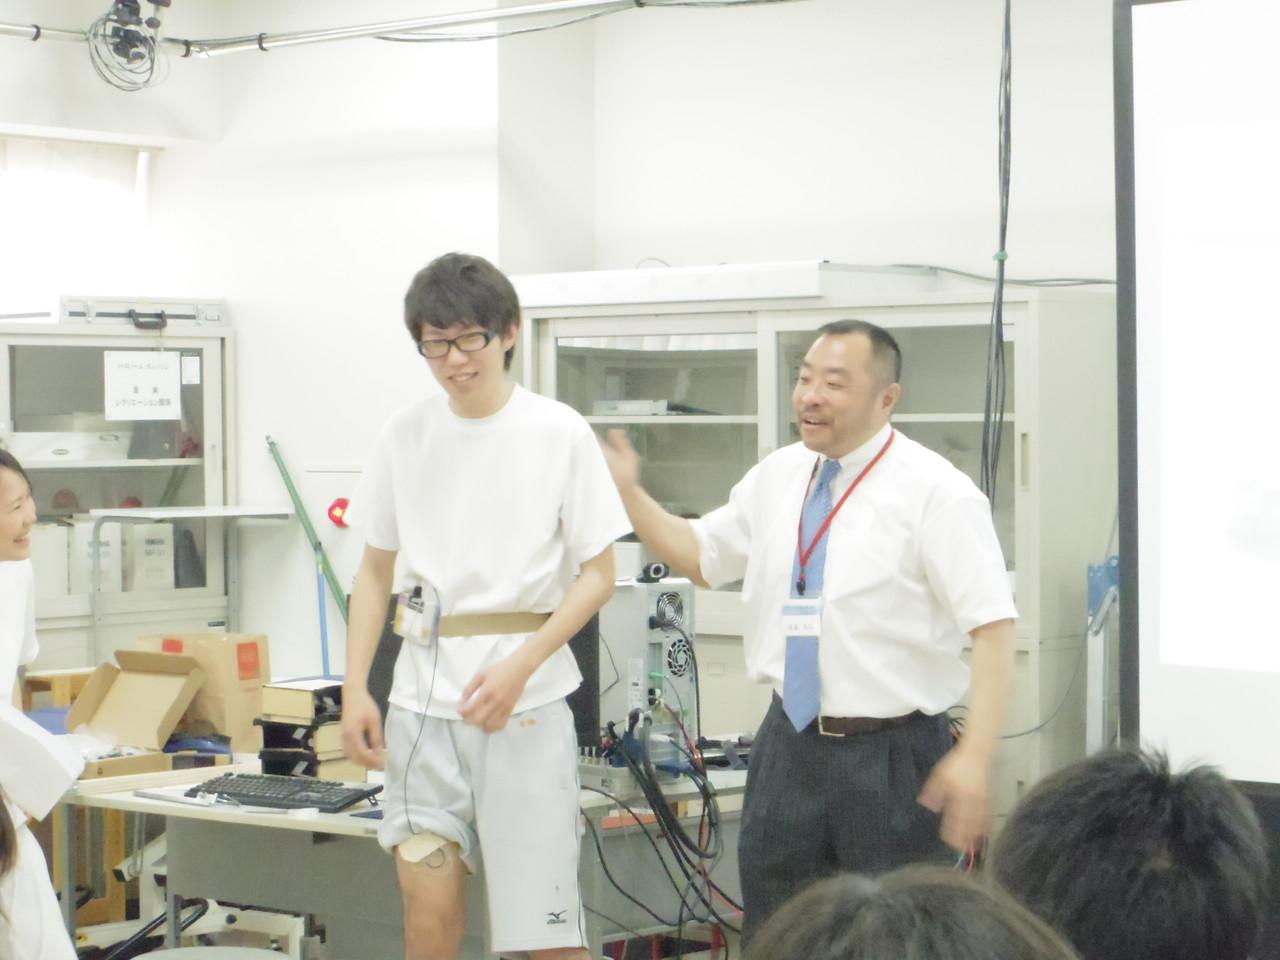 「研究」ブースでトークする後藤先生と学生